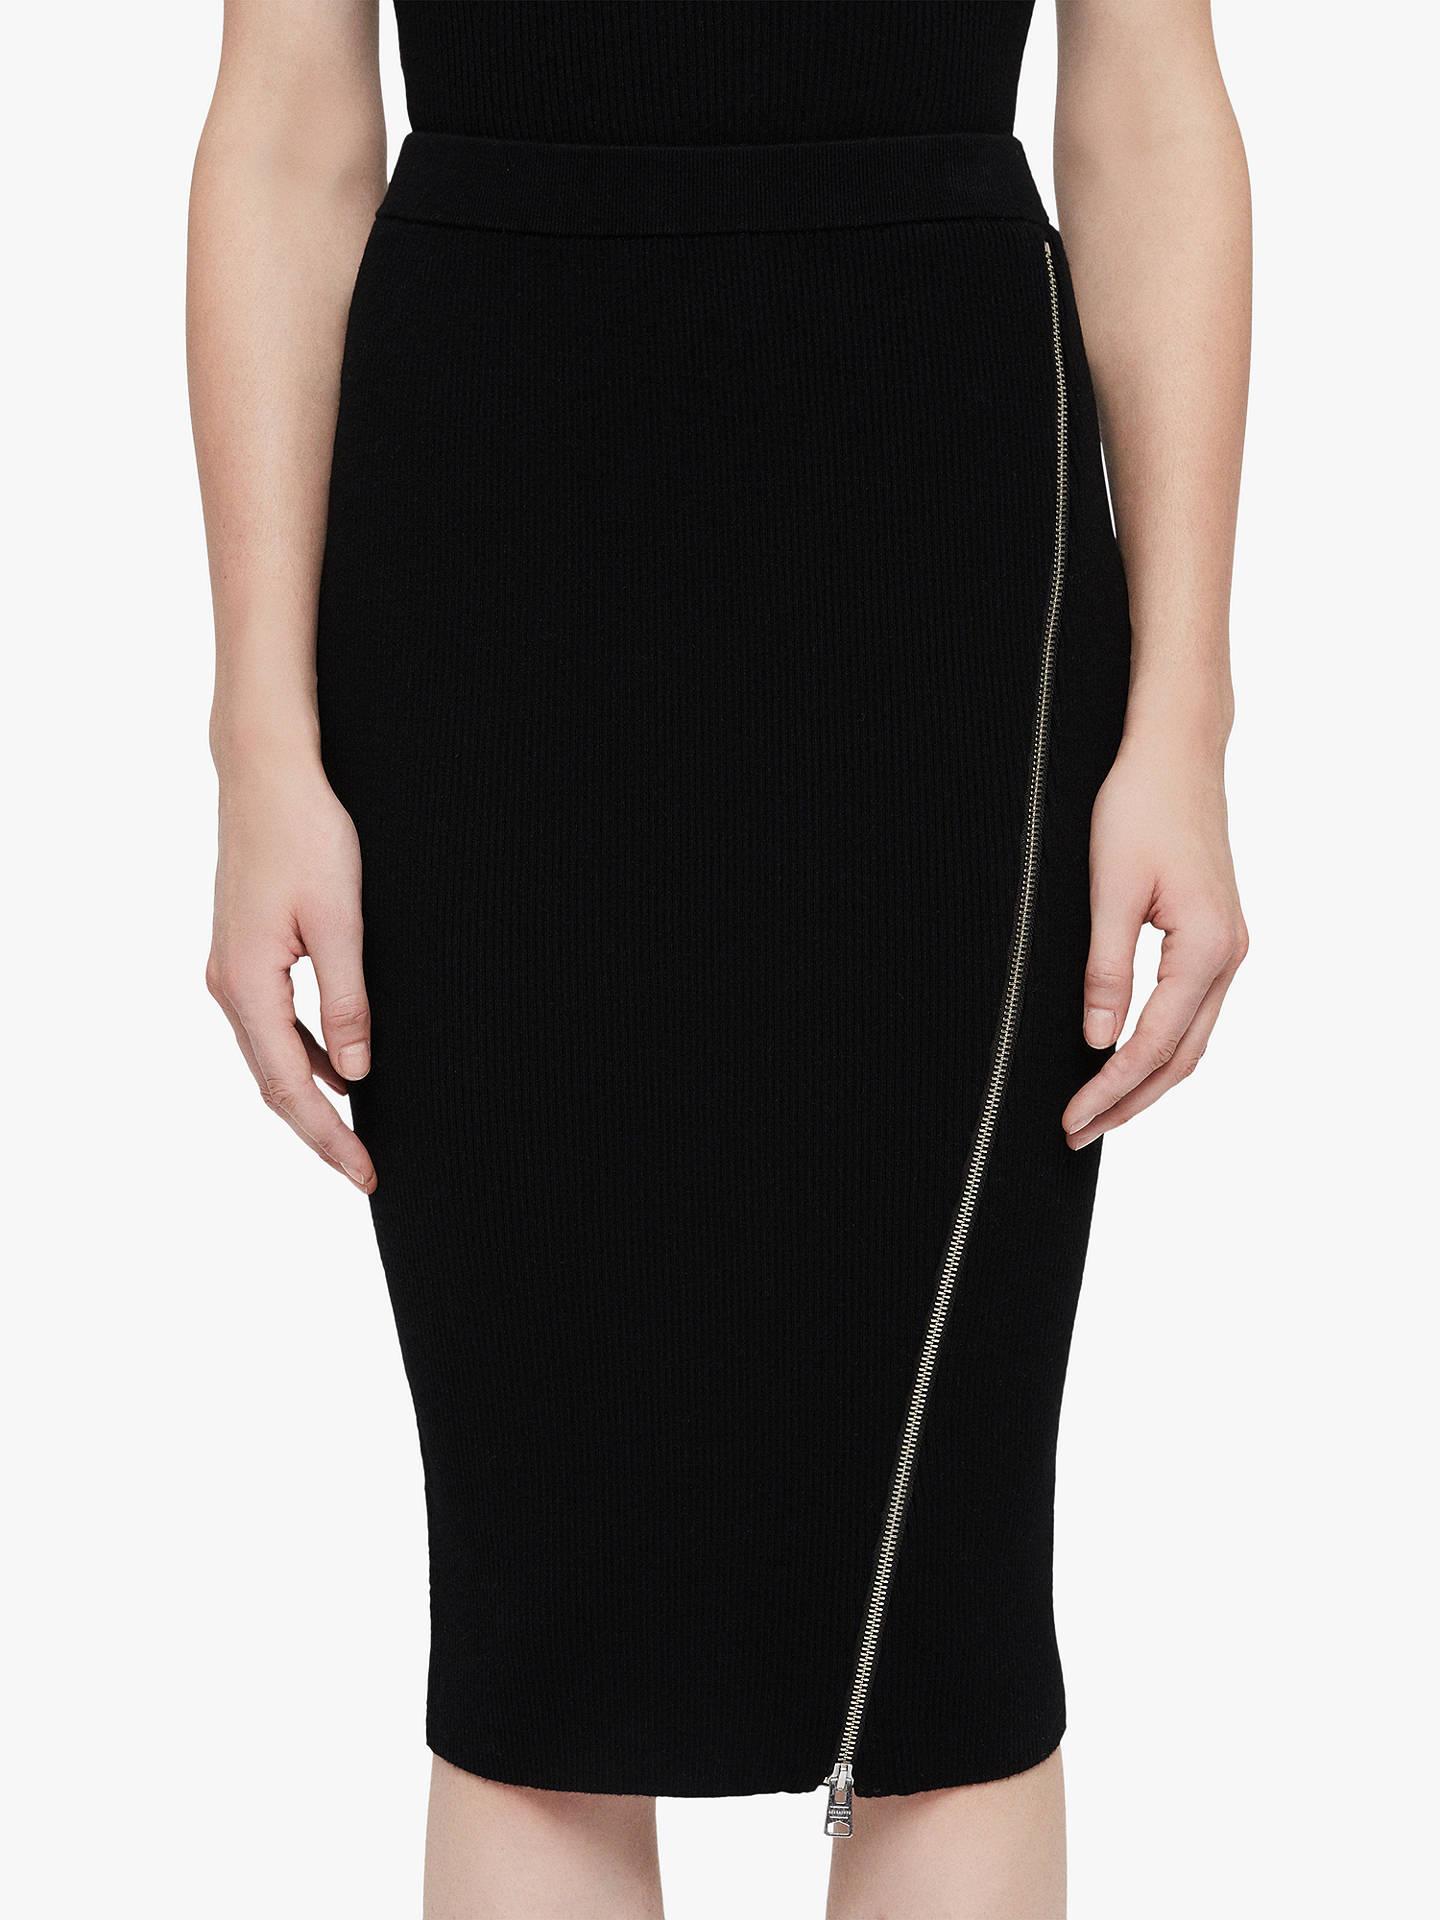 9a71a4c99 Buy AllSaints Anouk Zip Pencil Skirt, Black, L Online at johnlewis.com ...